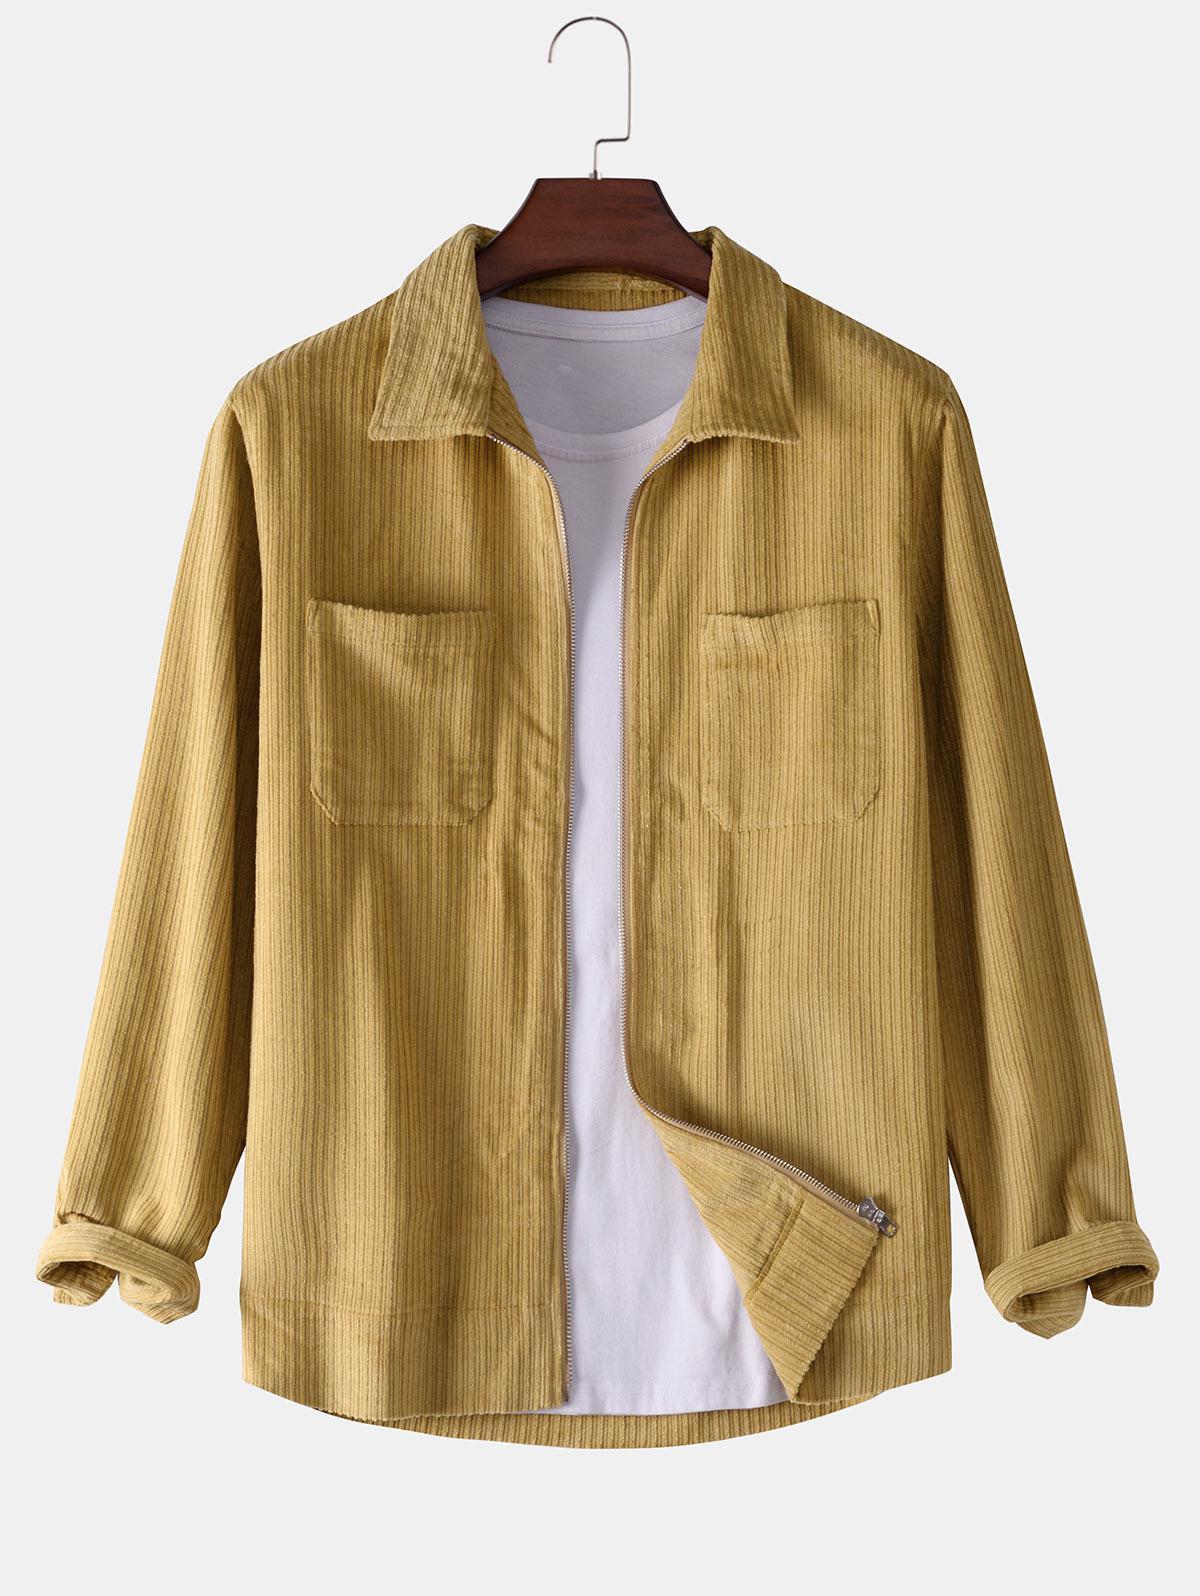 Zaful Solid Pocket Corduroy Jacket